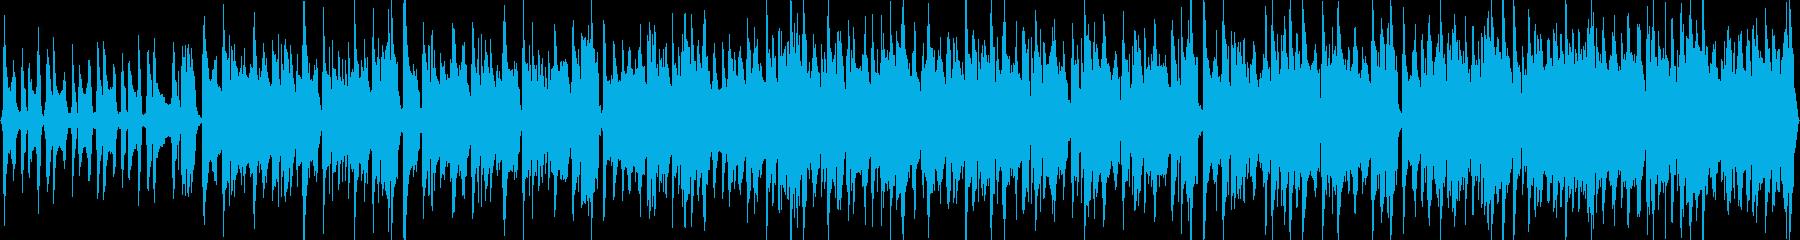 猫が悪だくみをしているような曲の再生済みの波形